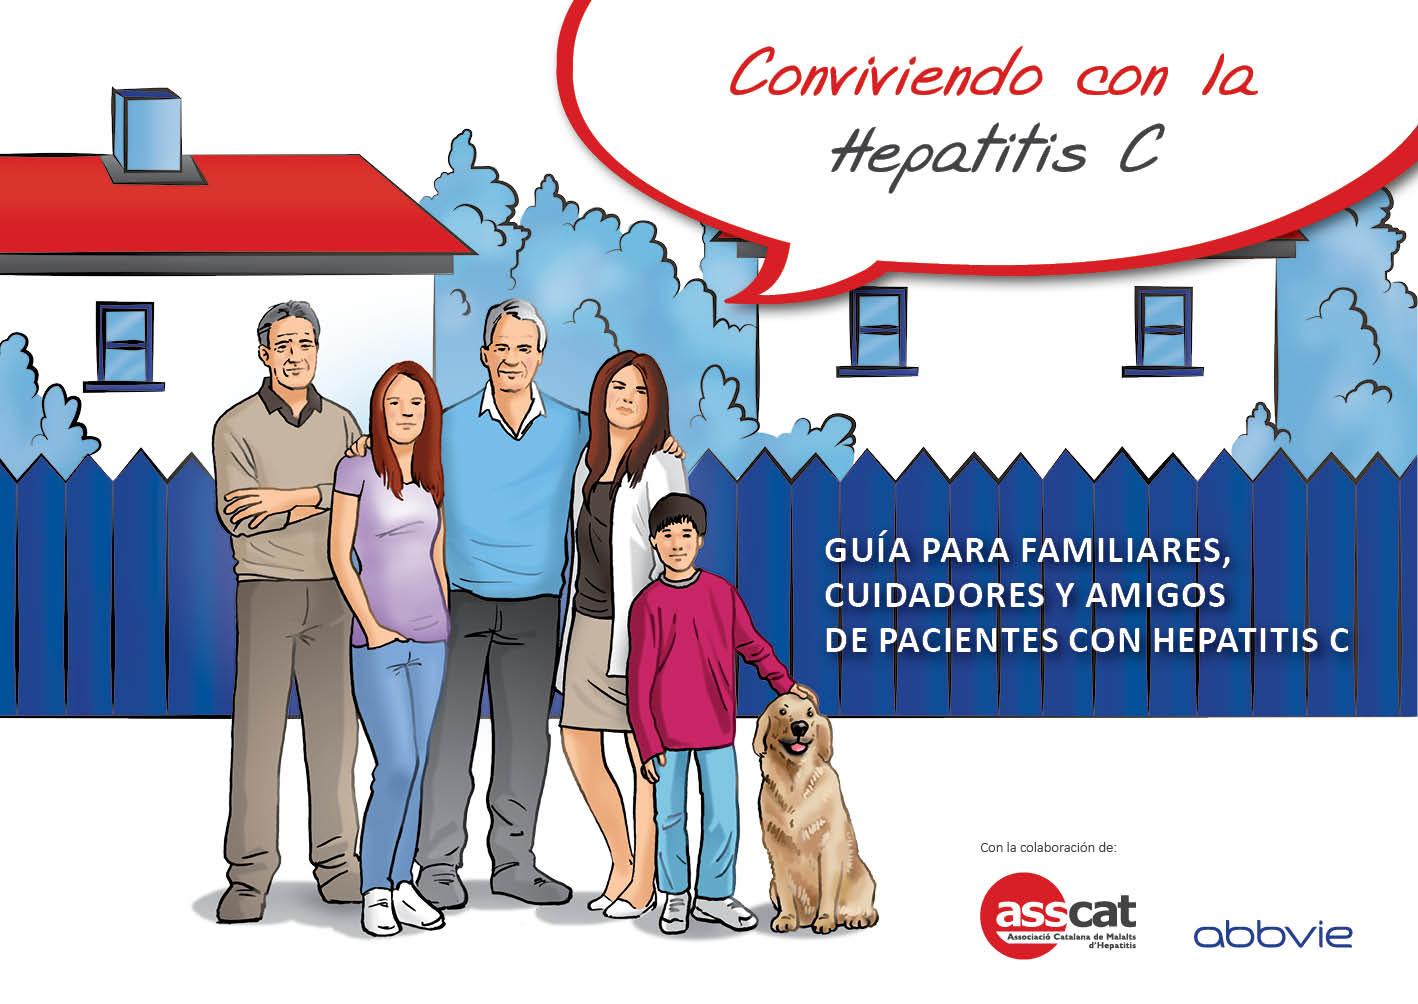 Guia per a Familiars, Cuidadors i Amics de Pacients amb Hepatitis C